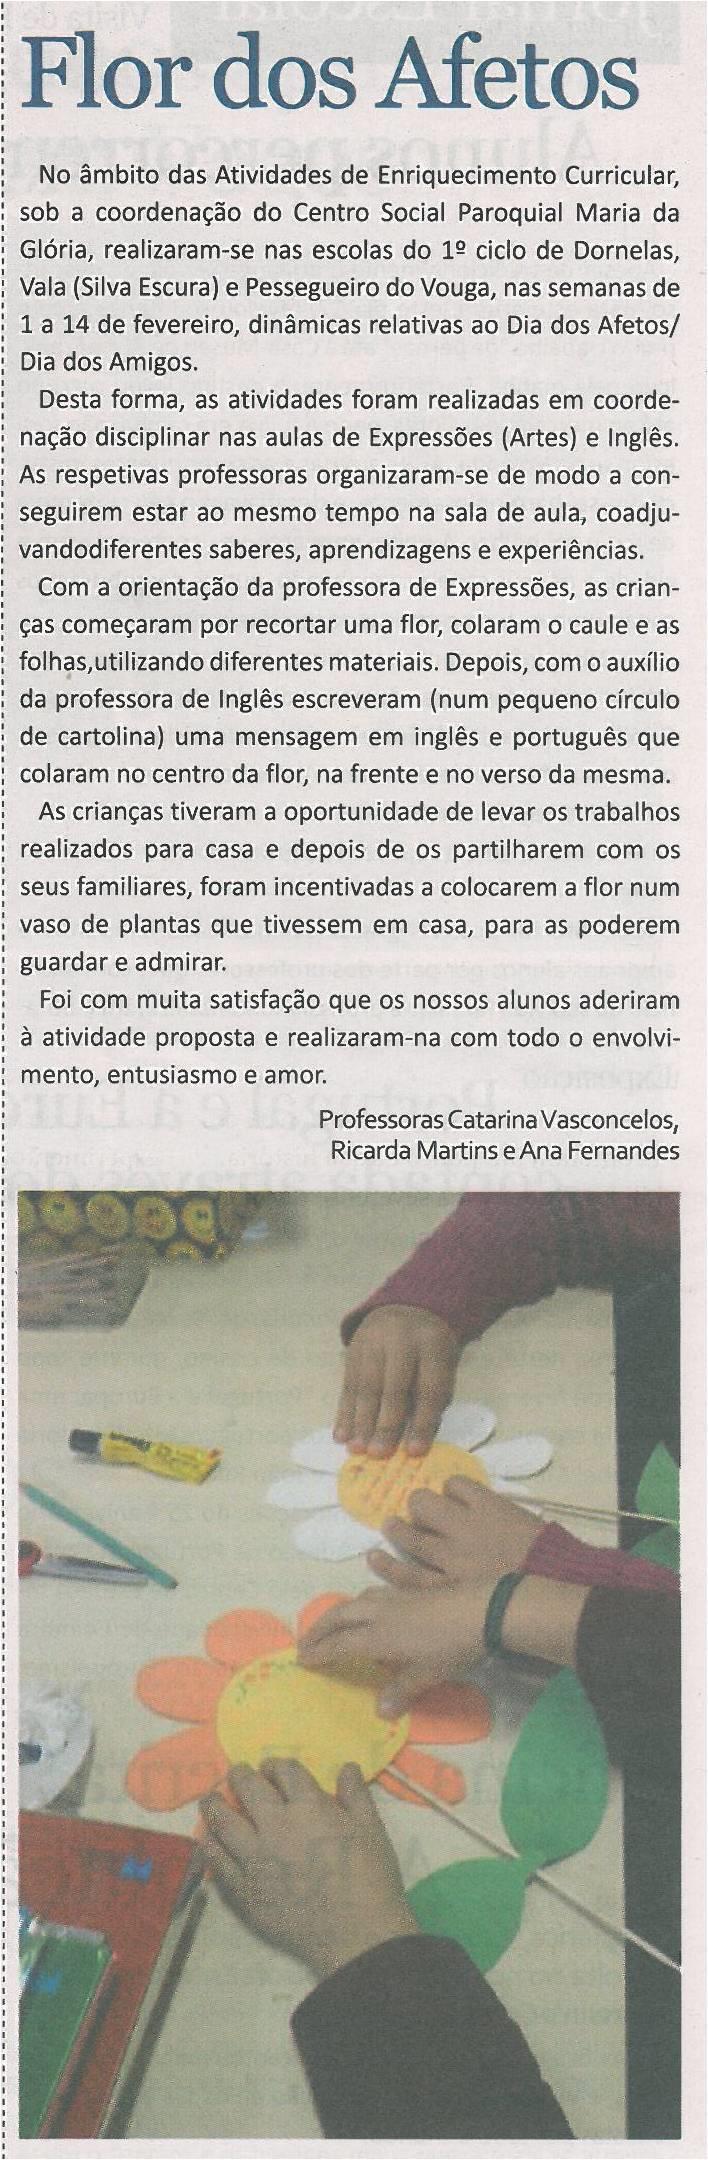 JE-mar13-p4-Flor dos Afetos